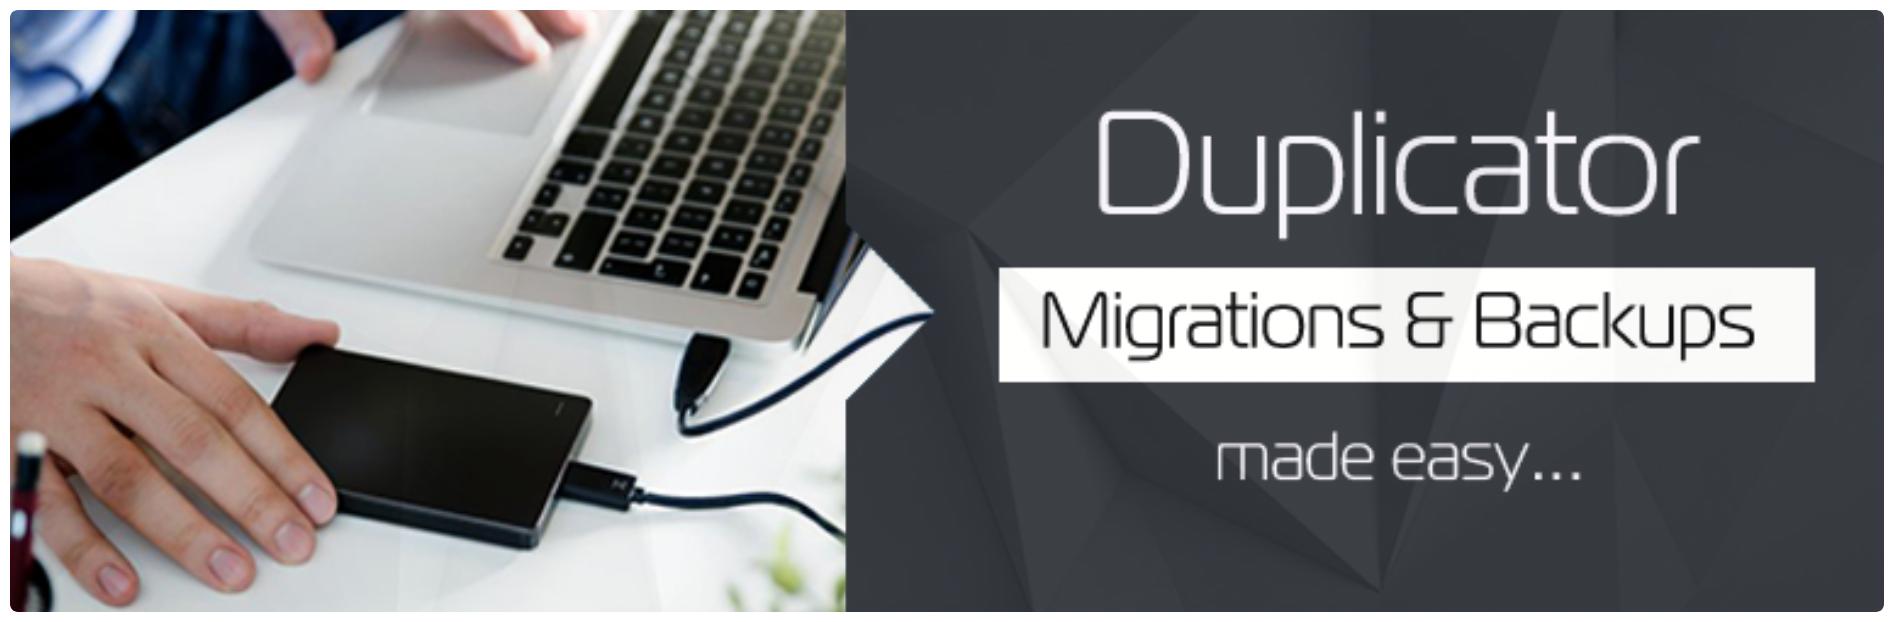 Cómo migrar su sitio de WordPress (3 métodos) - Como migrar su sitio de WordPress 3 metodos